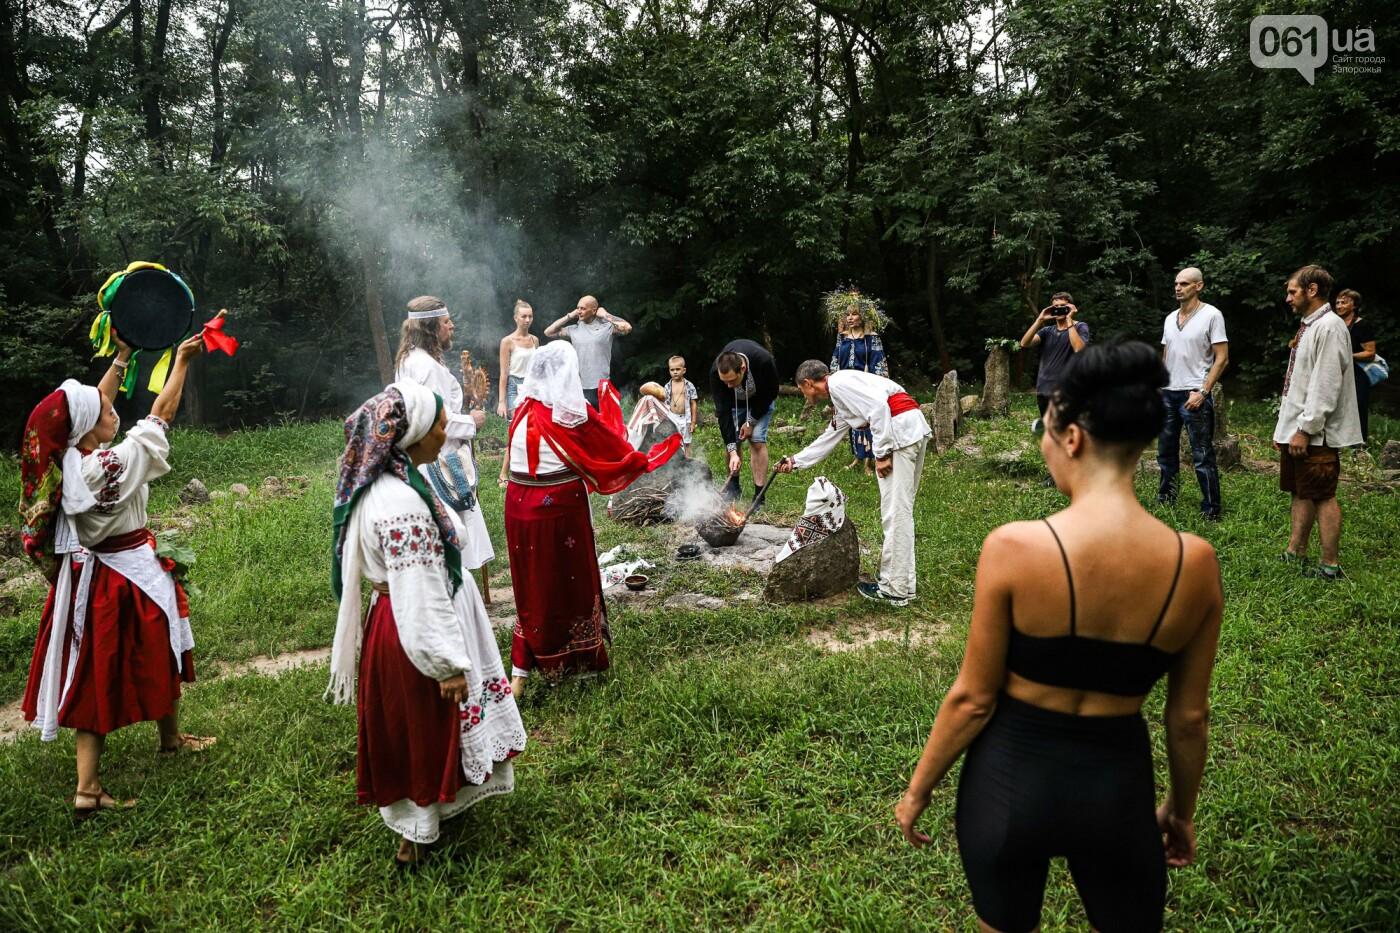 Огонь и дубовые венки: как на Хортице отметили праздник Перуна, - ФОТОРЕПОРТАЖ, фото-24